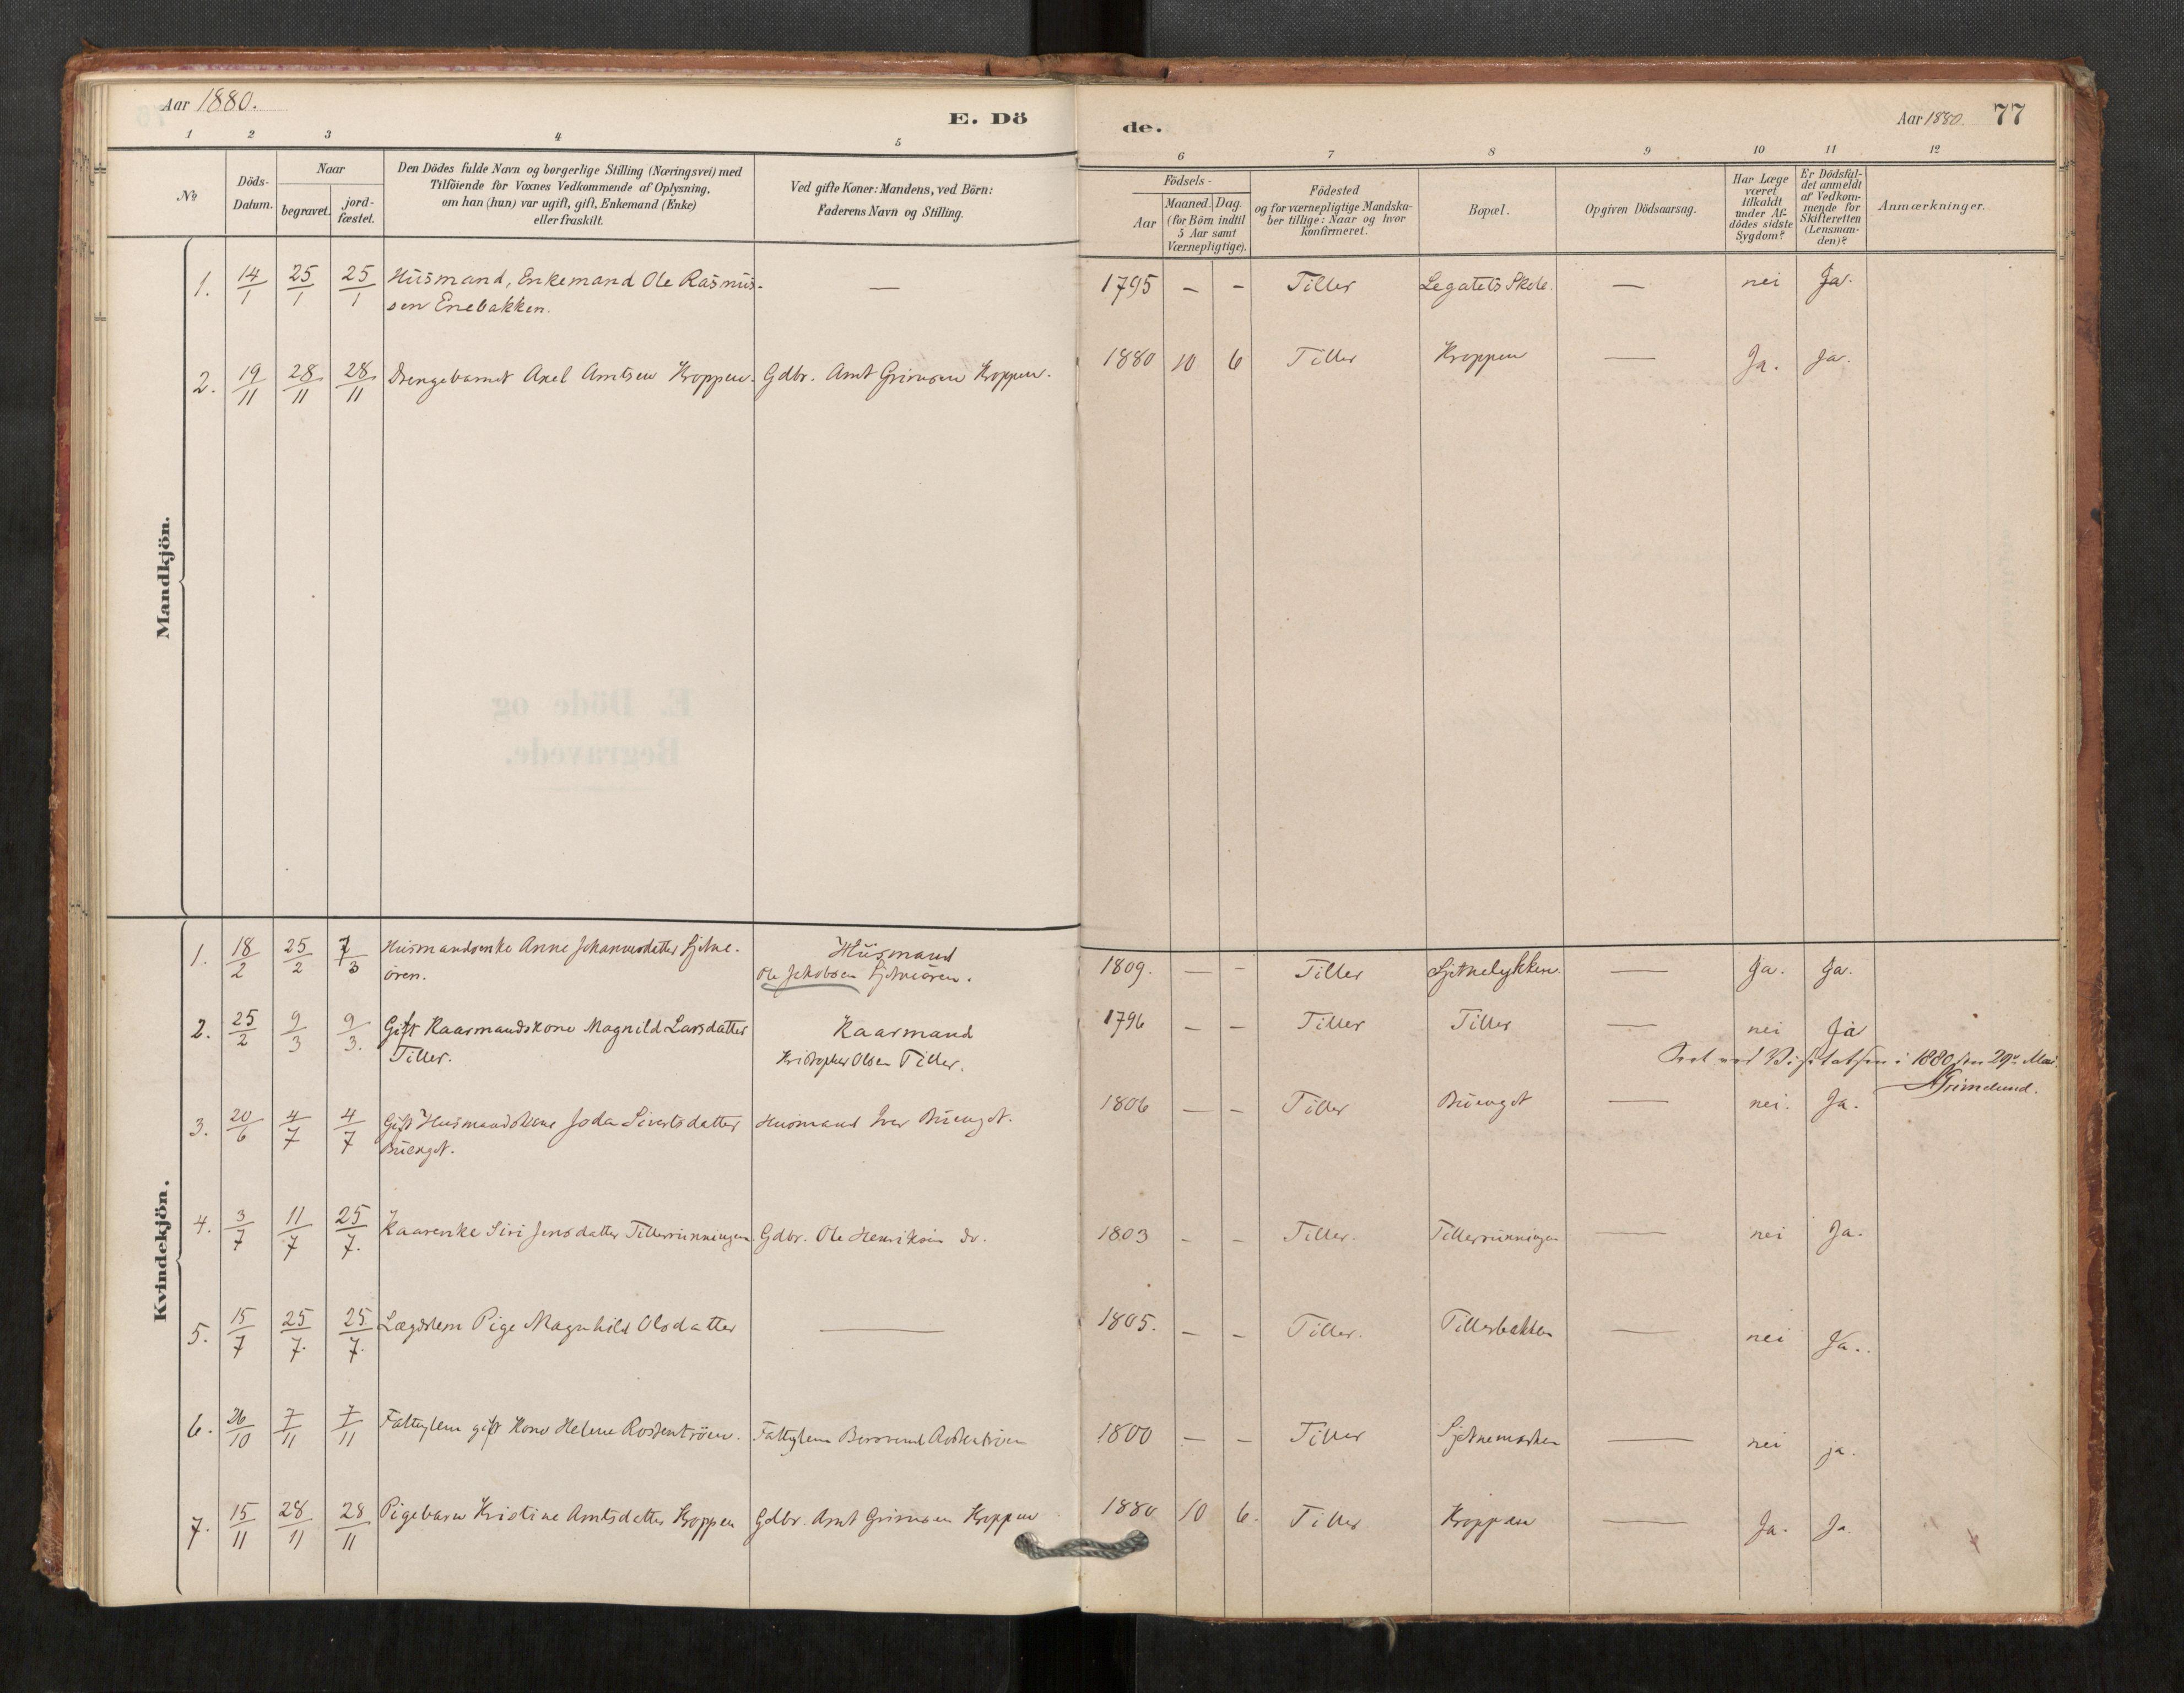 SAT, Klæbu sokneprestkontor, Parish register (official) no. 1, 1880-1900, p. 77